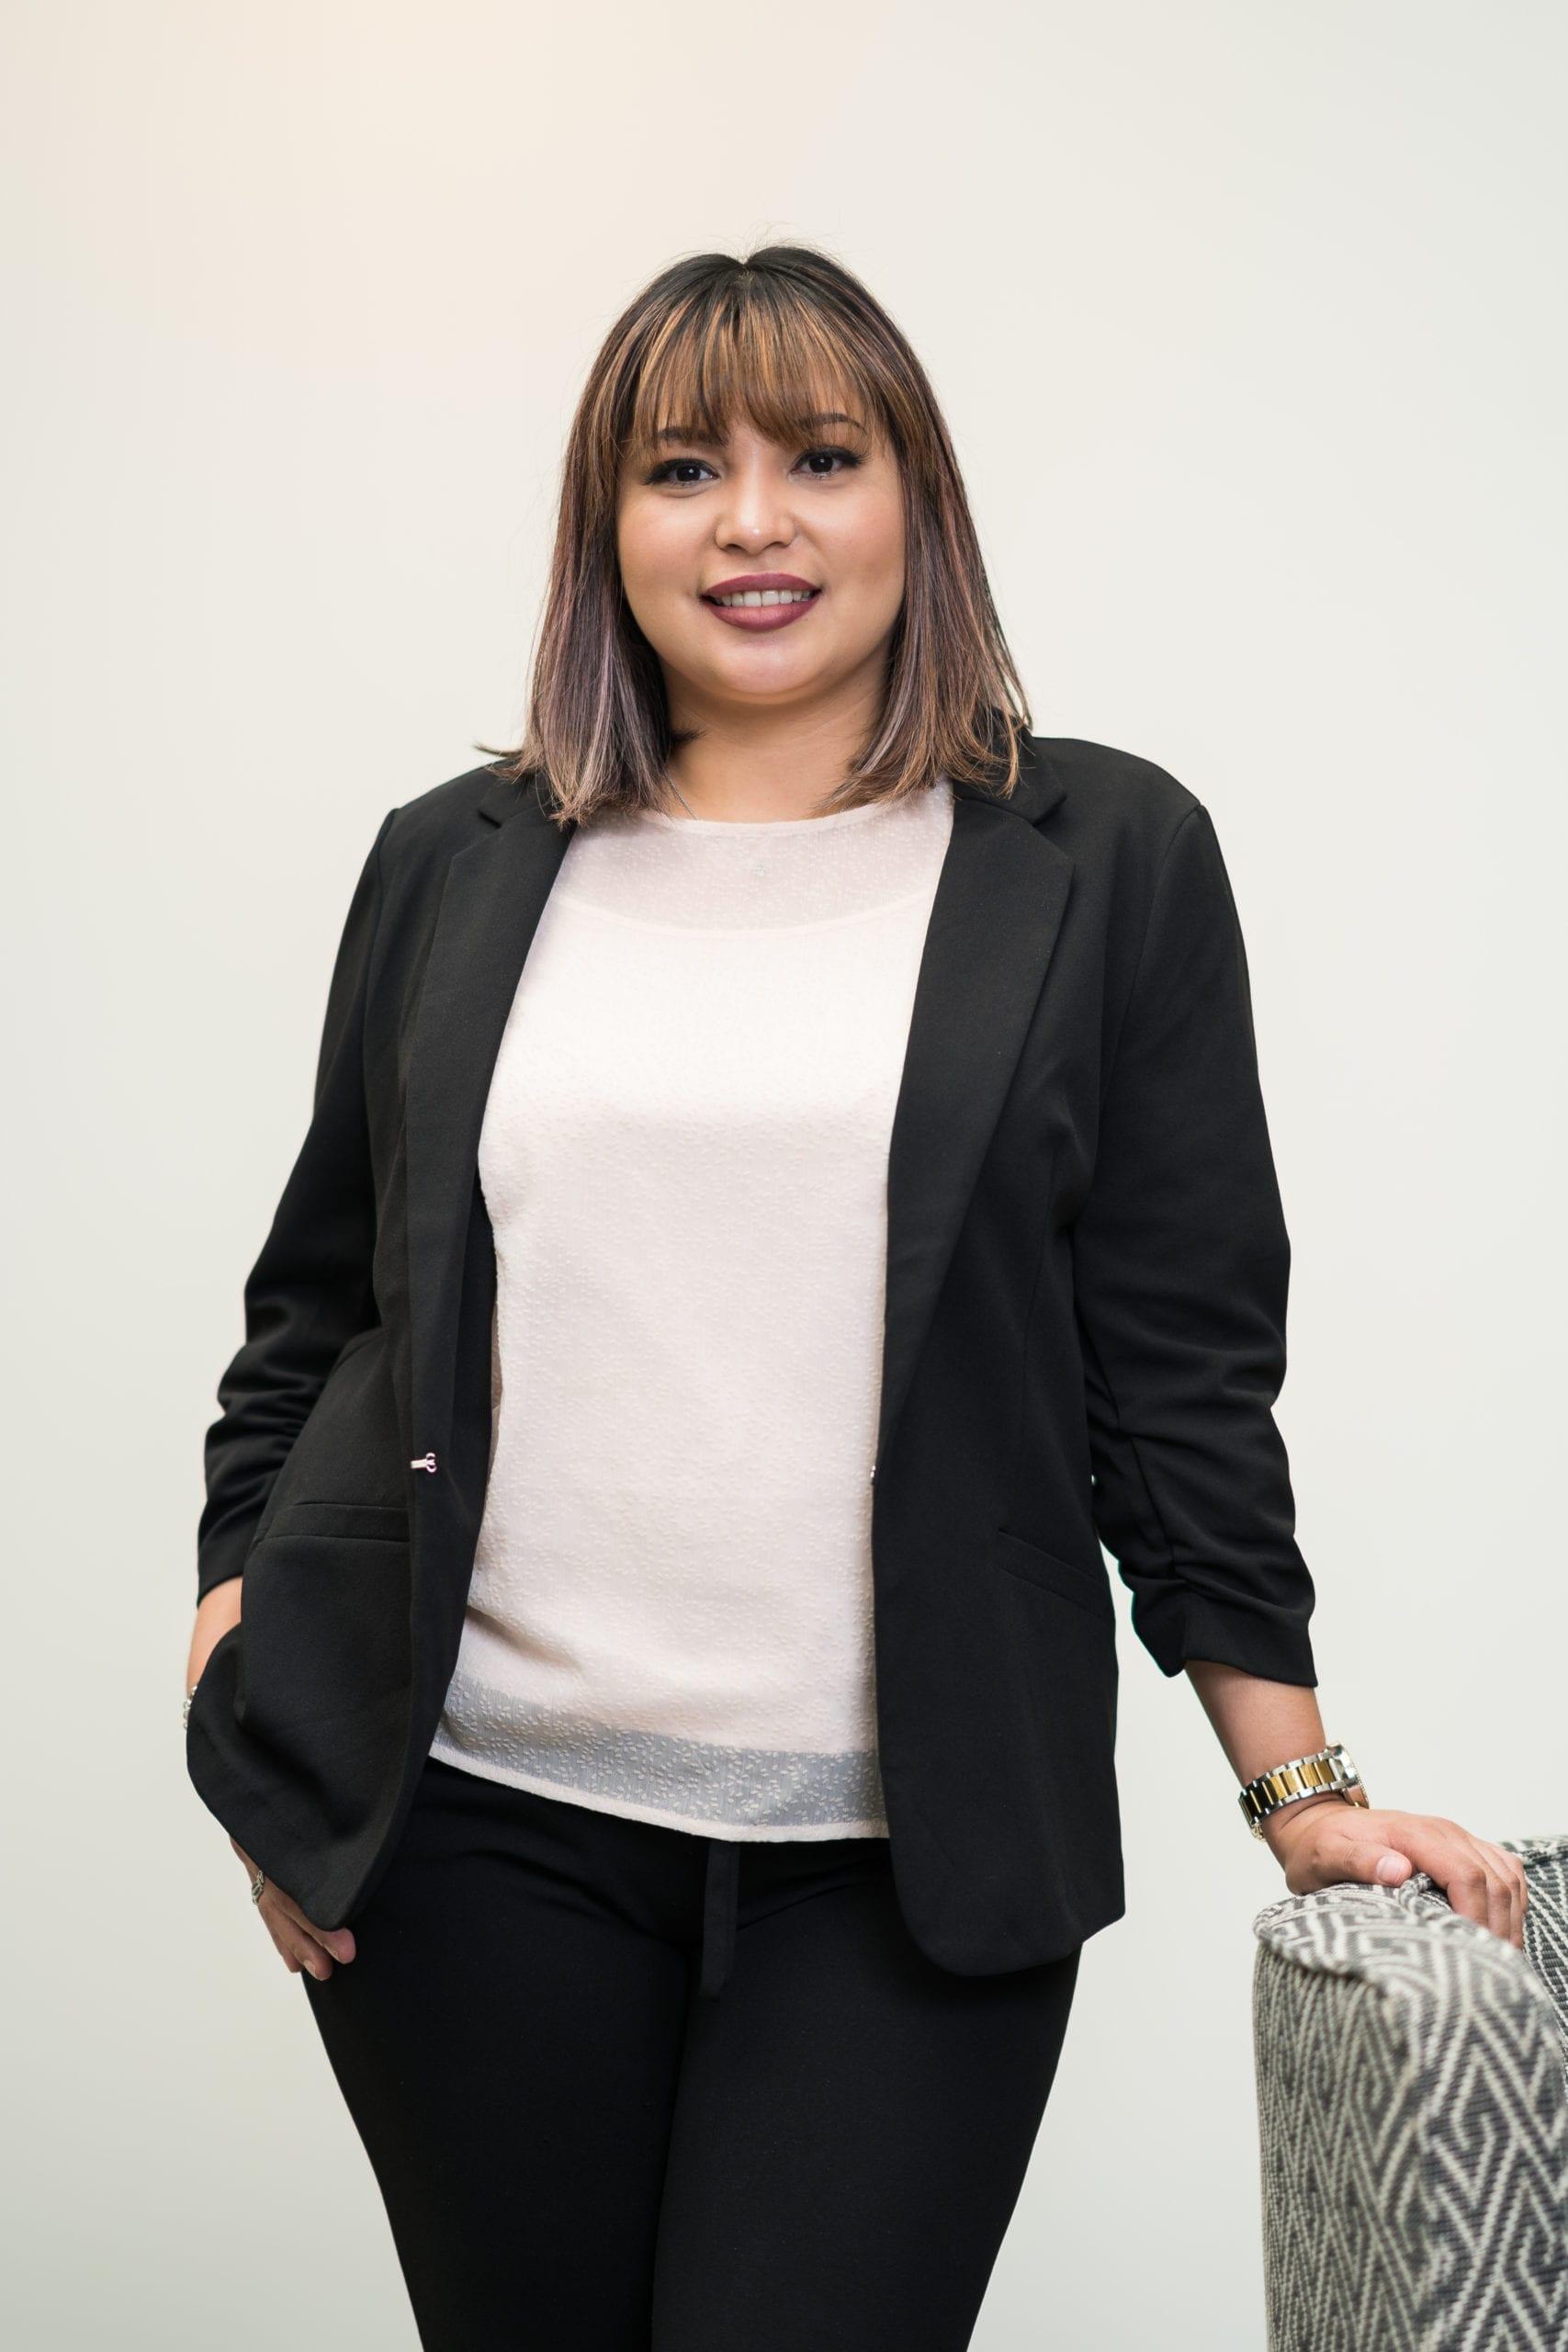 Kari Perez, Legal Assistant